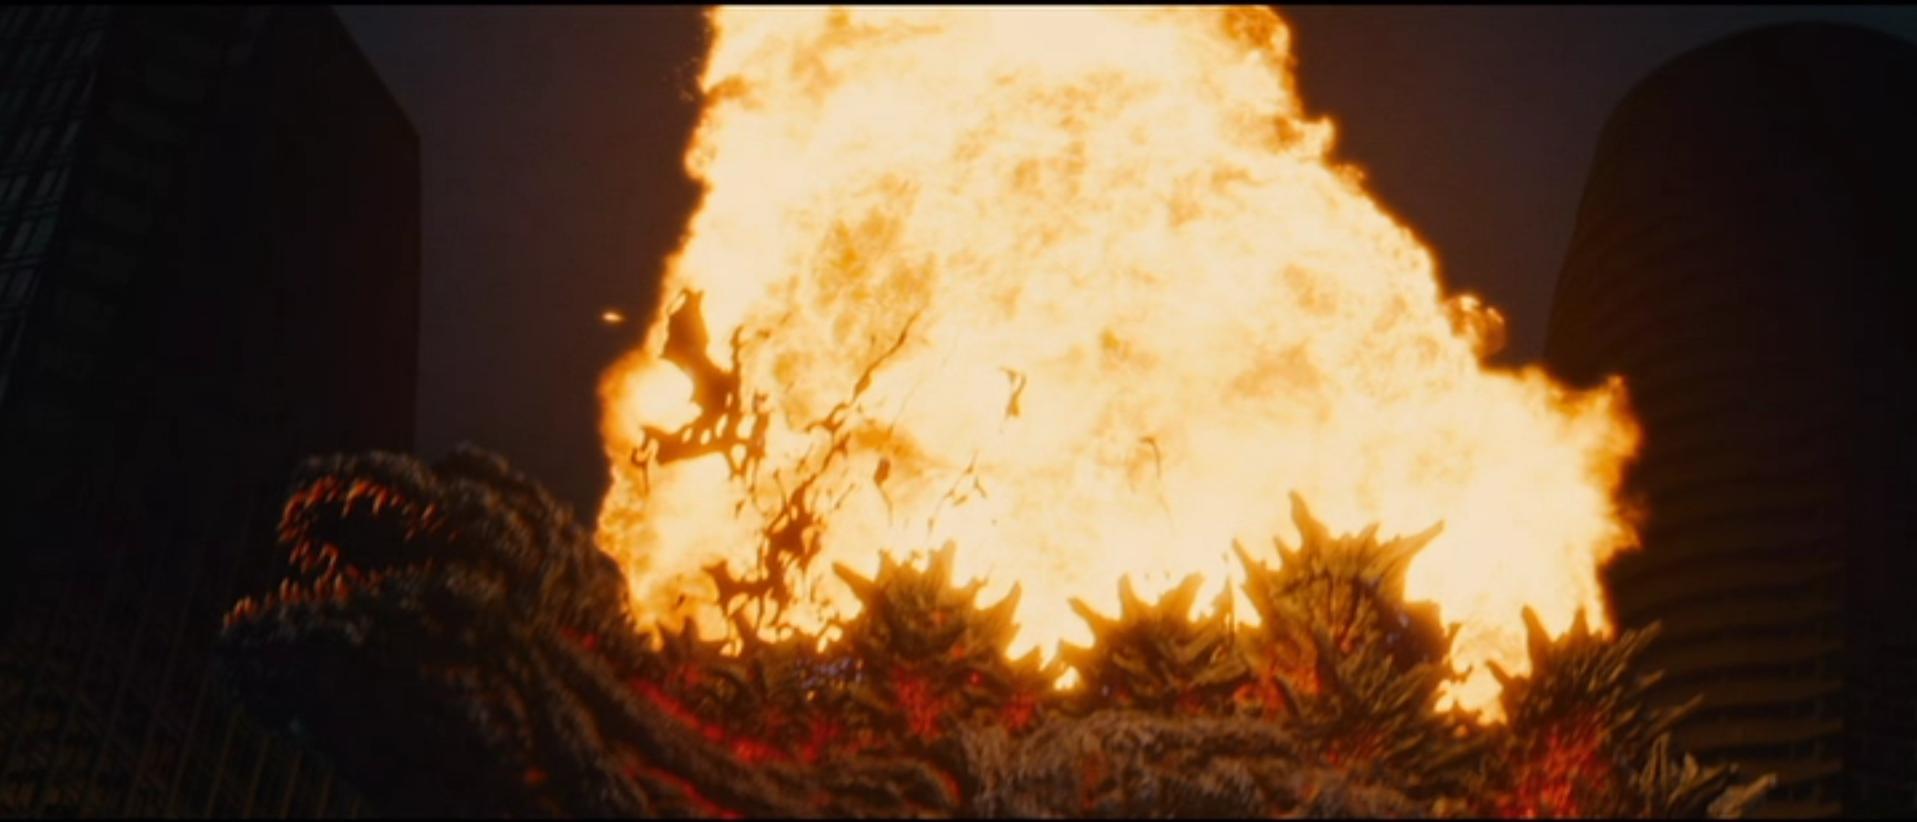 Hurting Godzilla, that's a good idea, right?